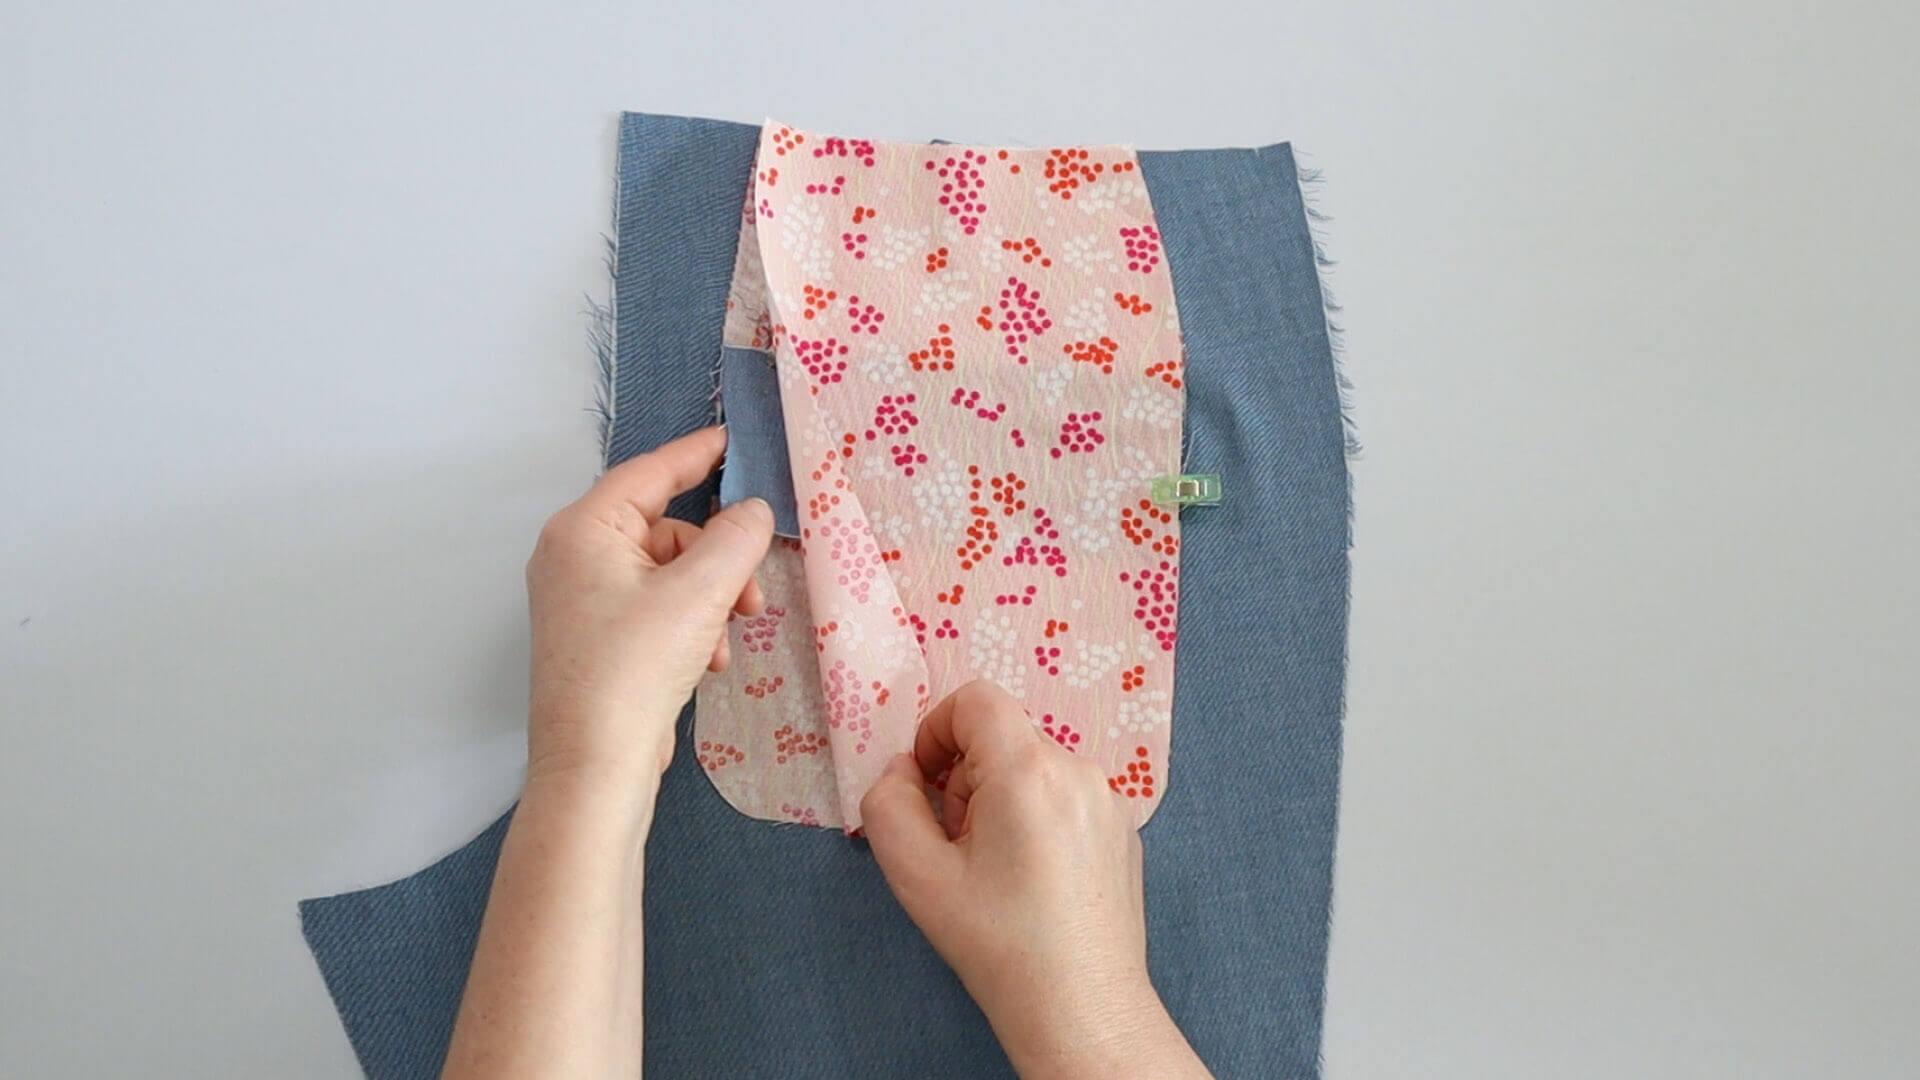 einseitge Hosenpaspeltasche nähen; Taschenbeutelbeleg mit unterem Taschenbeutel zusammenstecken